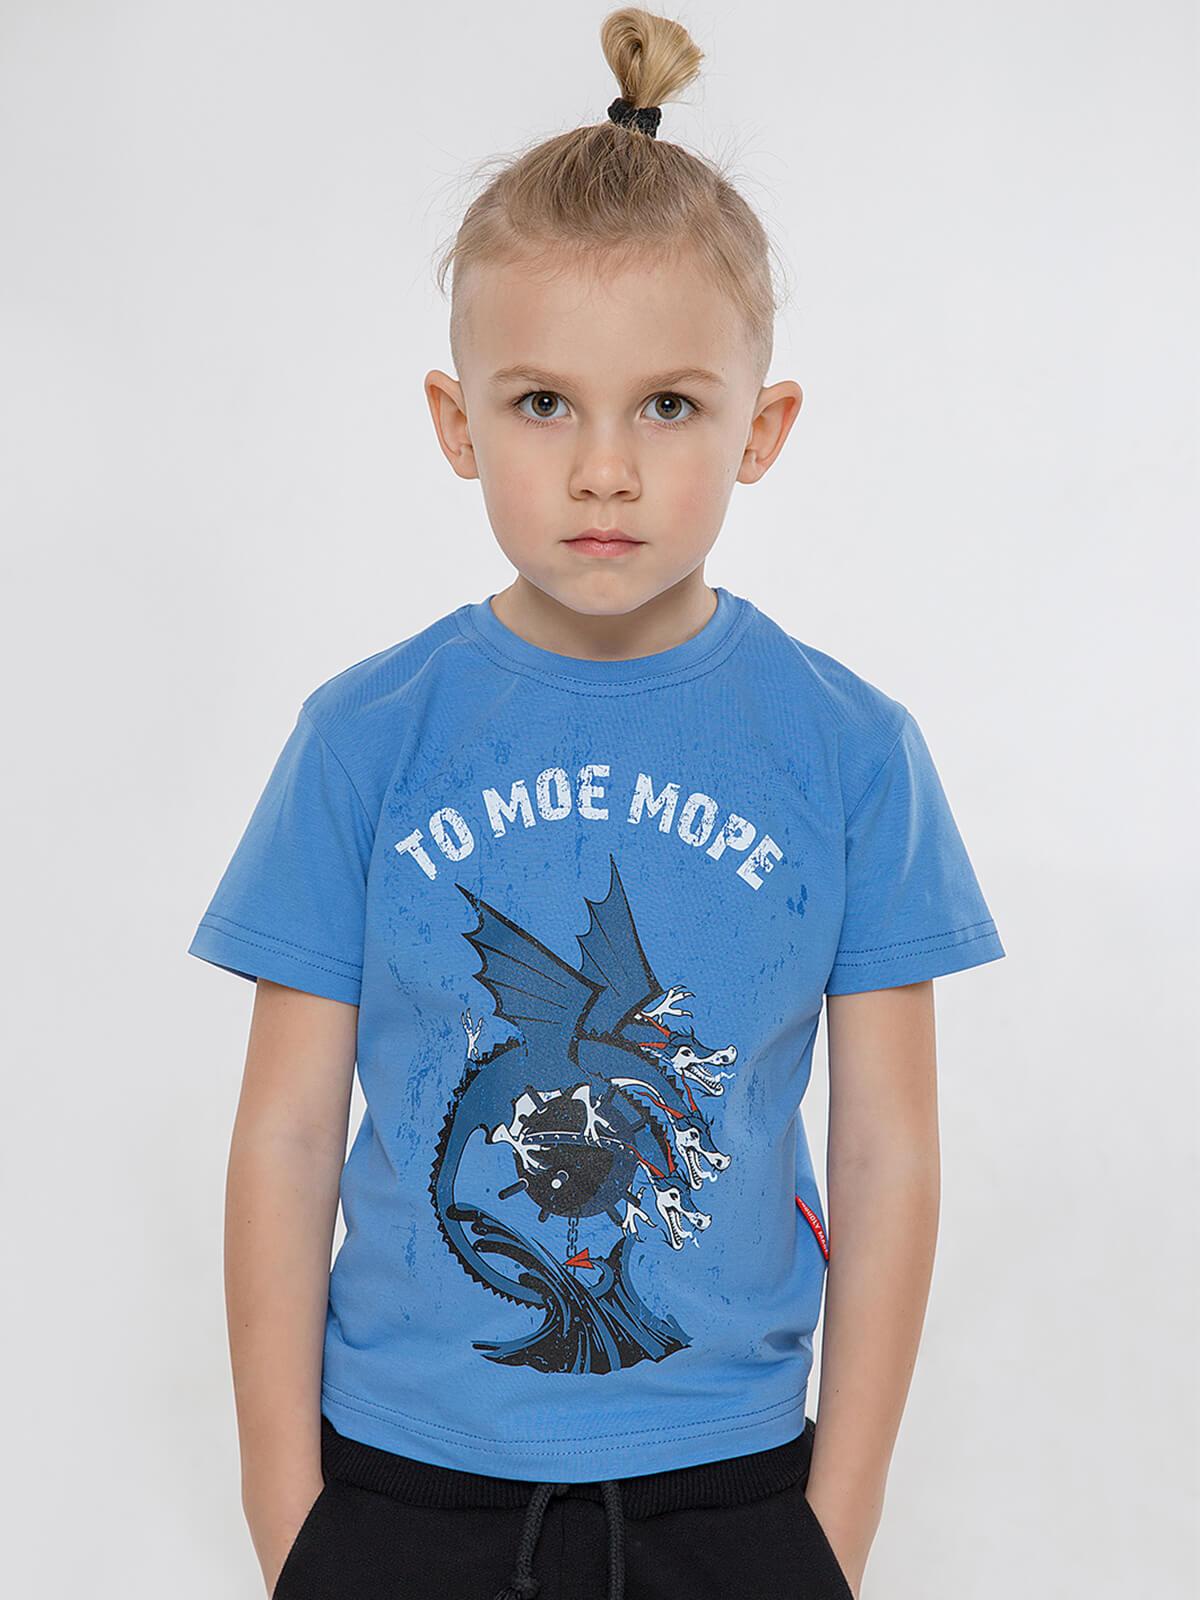 Kids T-Shirt This Is My Sea. Футболка: унісекс, добре пасує і хлопчикам, і дівчаткам  Матеріал: 95% бавовна, 5% спандекс.